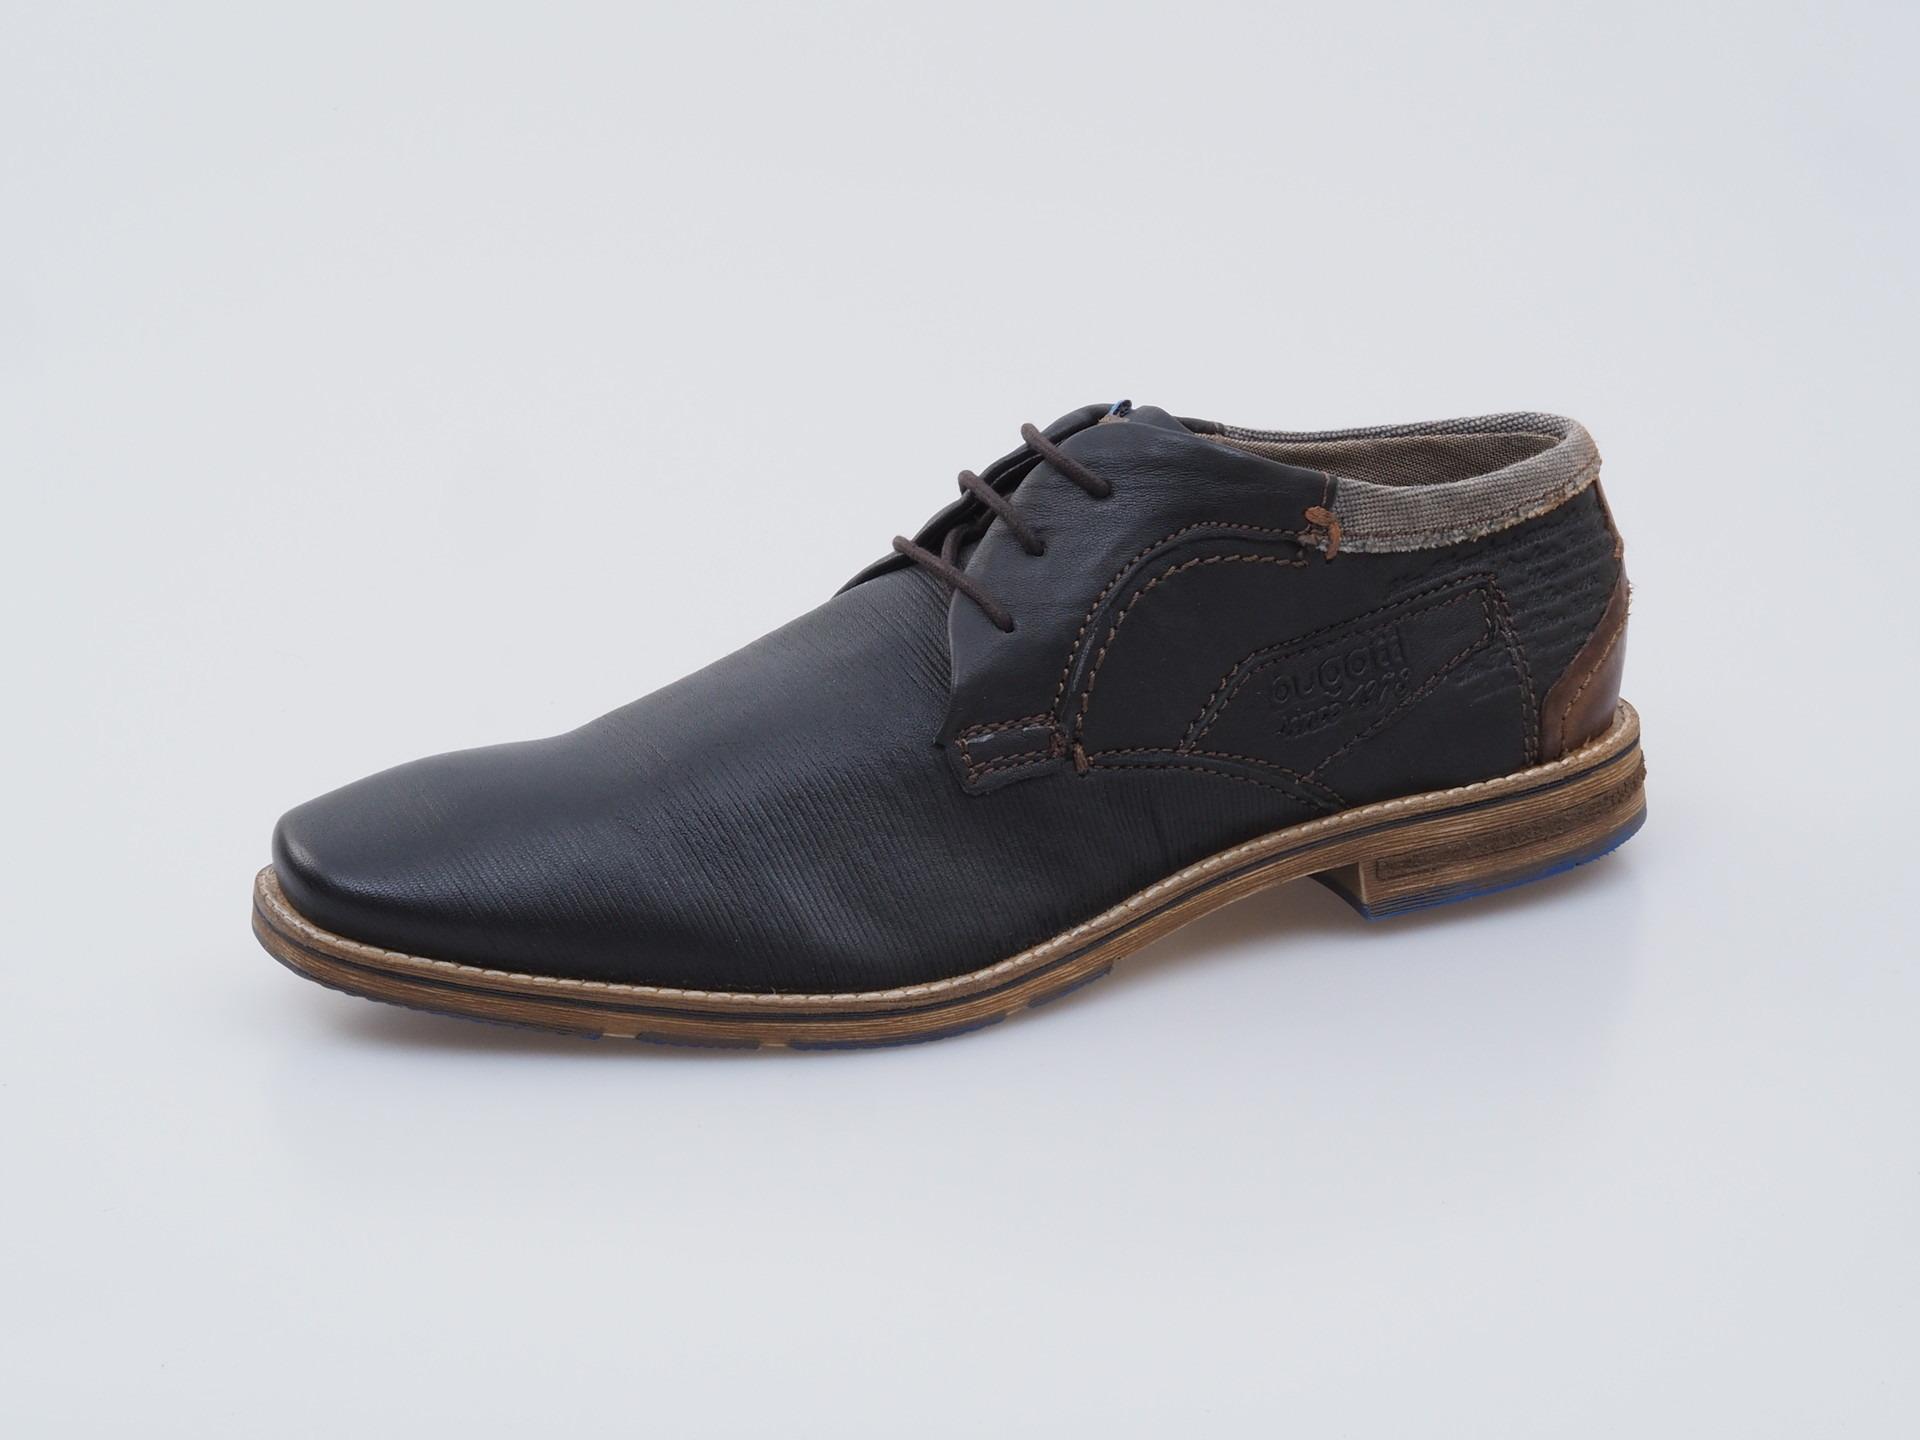 7fe77b63e6 Soňa - Pánska obuv - Poltopánky - Modrá pánska šnurovacia obuv Bugatti